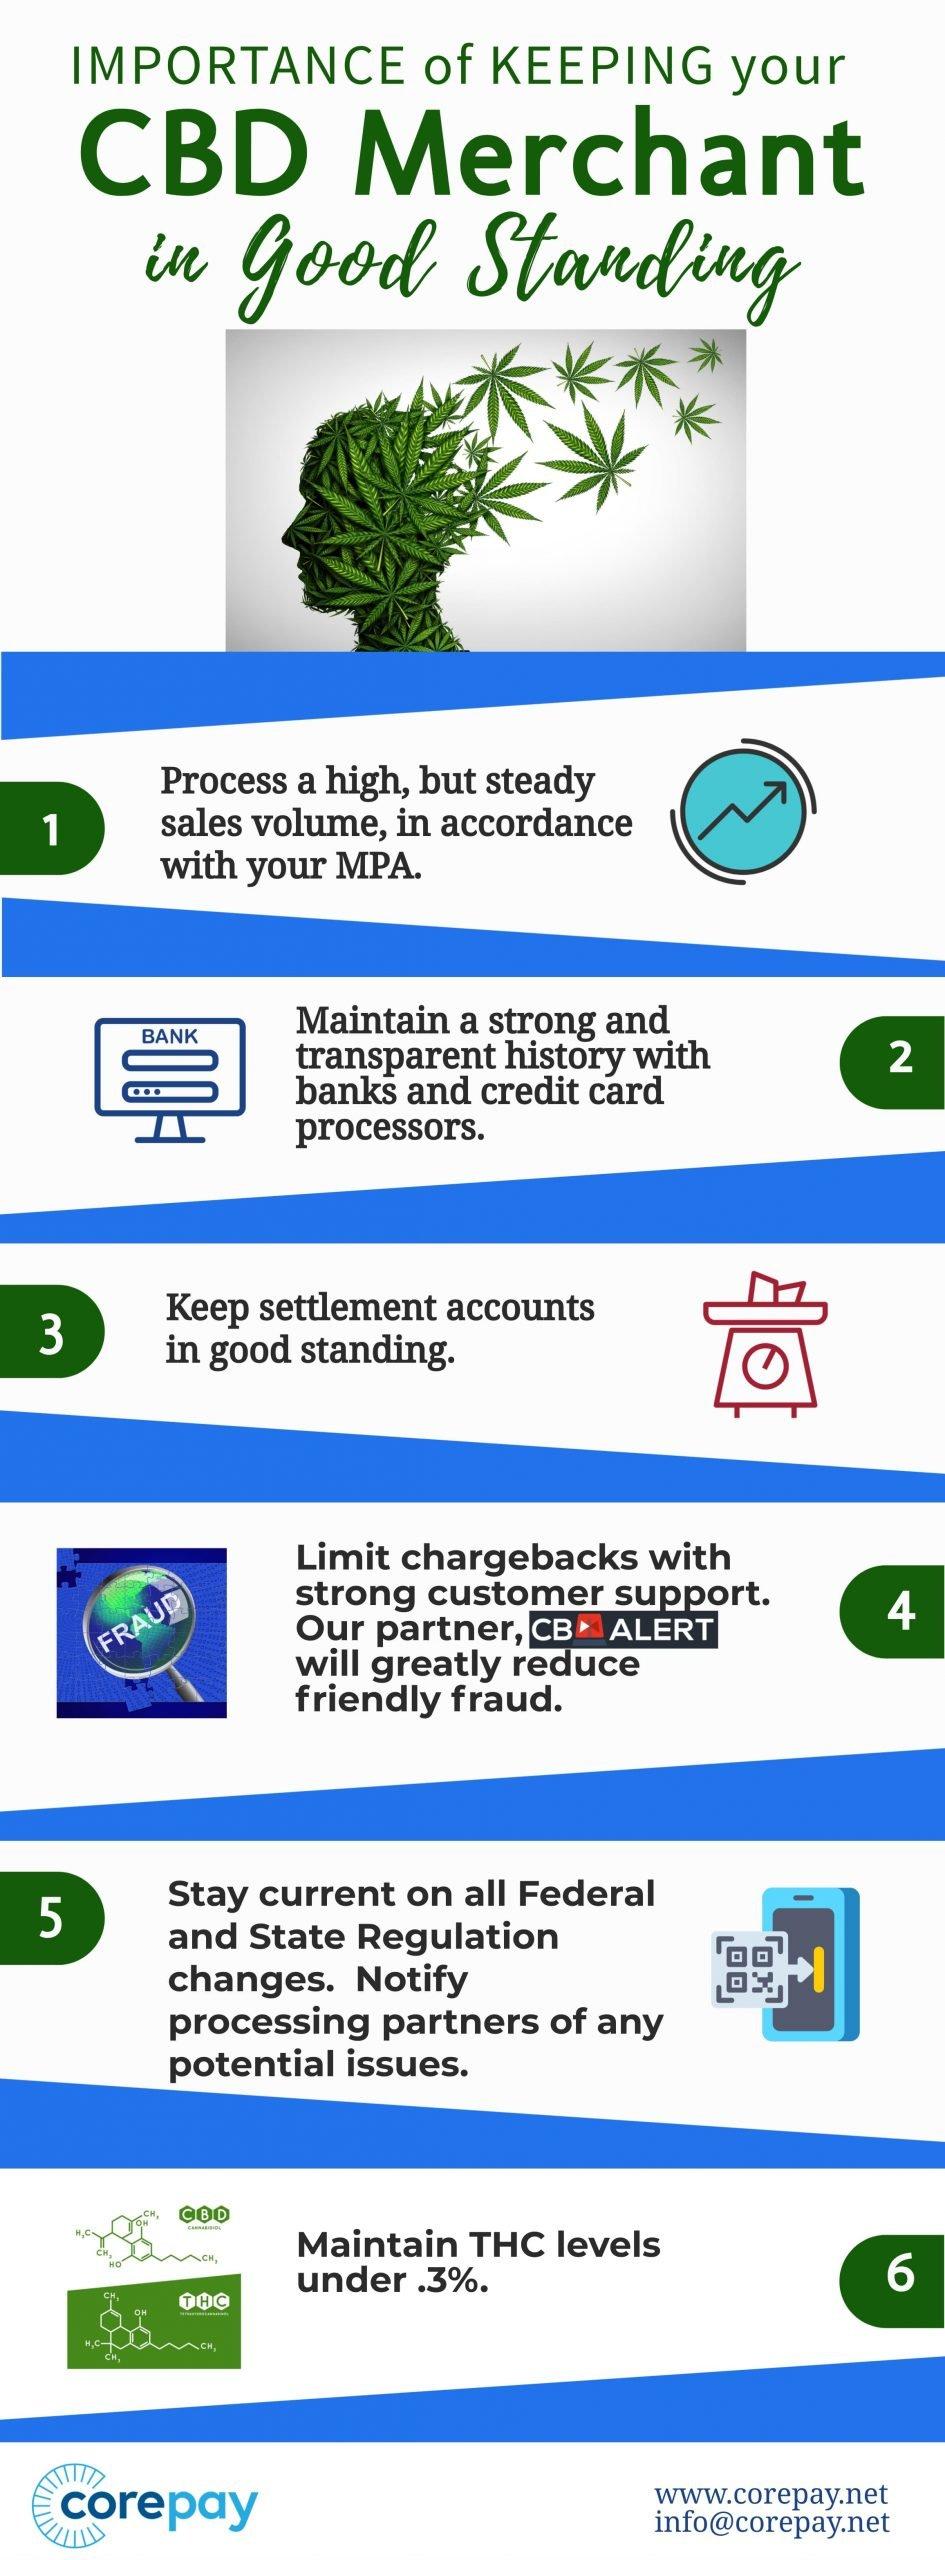 CBD Merchant accounts in good standing